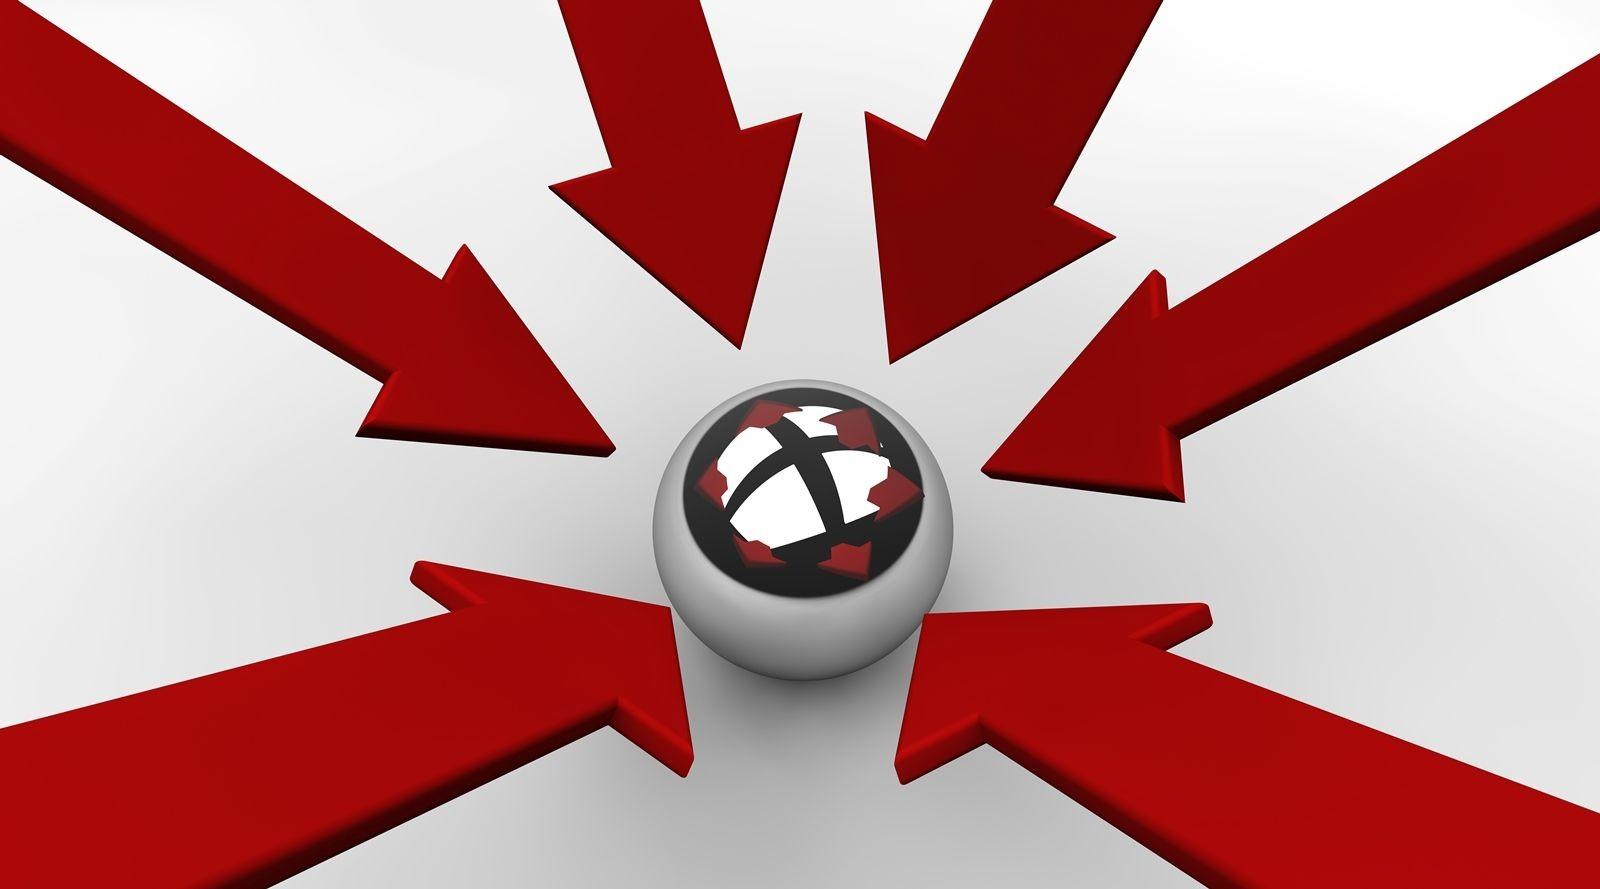 Flechas señalando a una esfera plateada